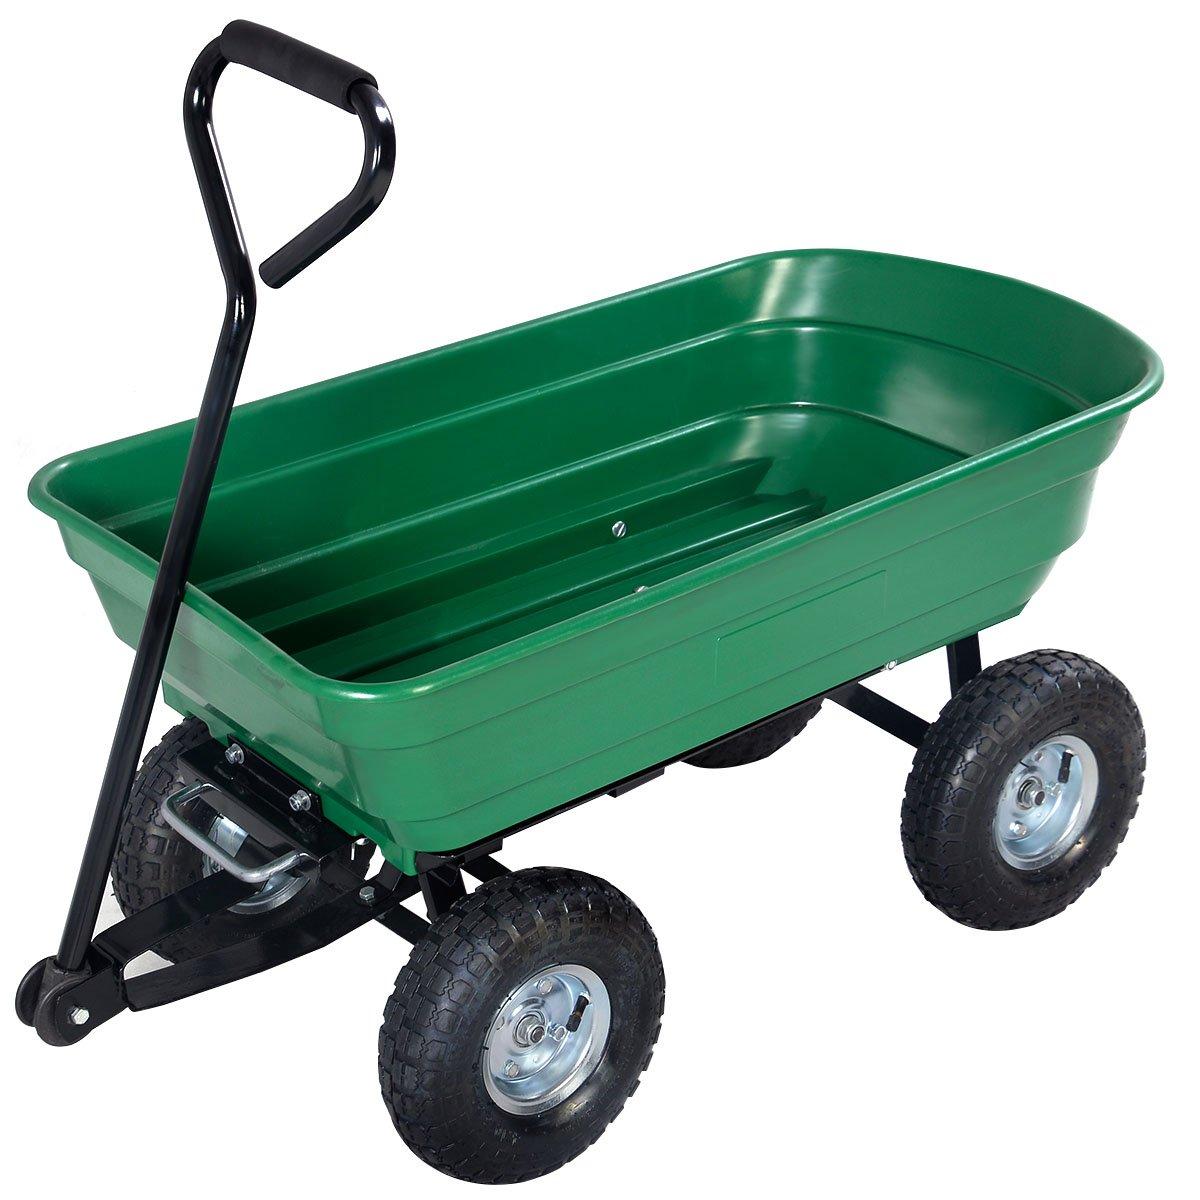 Relaxdays Diable pliable chariot de transport trolley 30 kg de charge maximum chariot de courses avec poign/ées ergonomiques en aluminium bleu